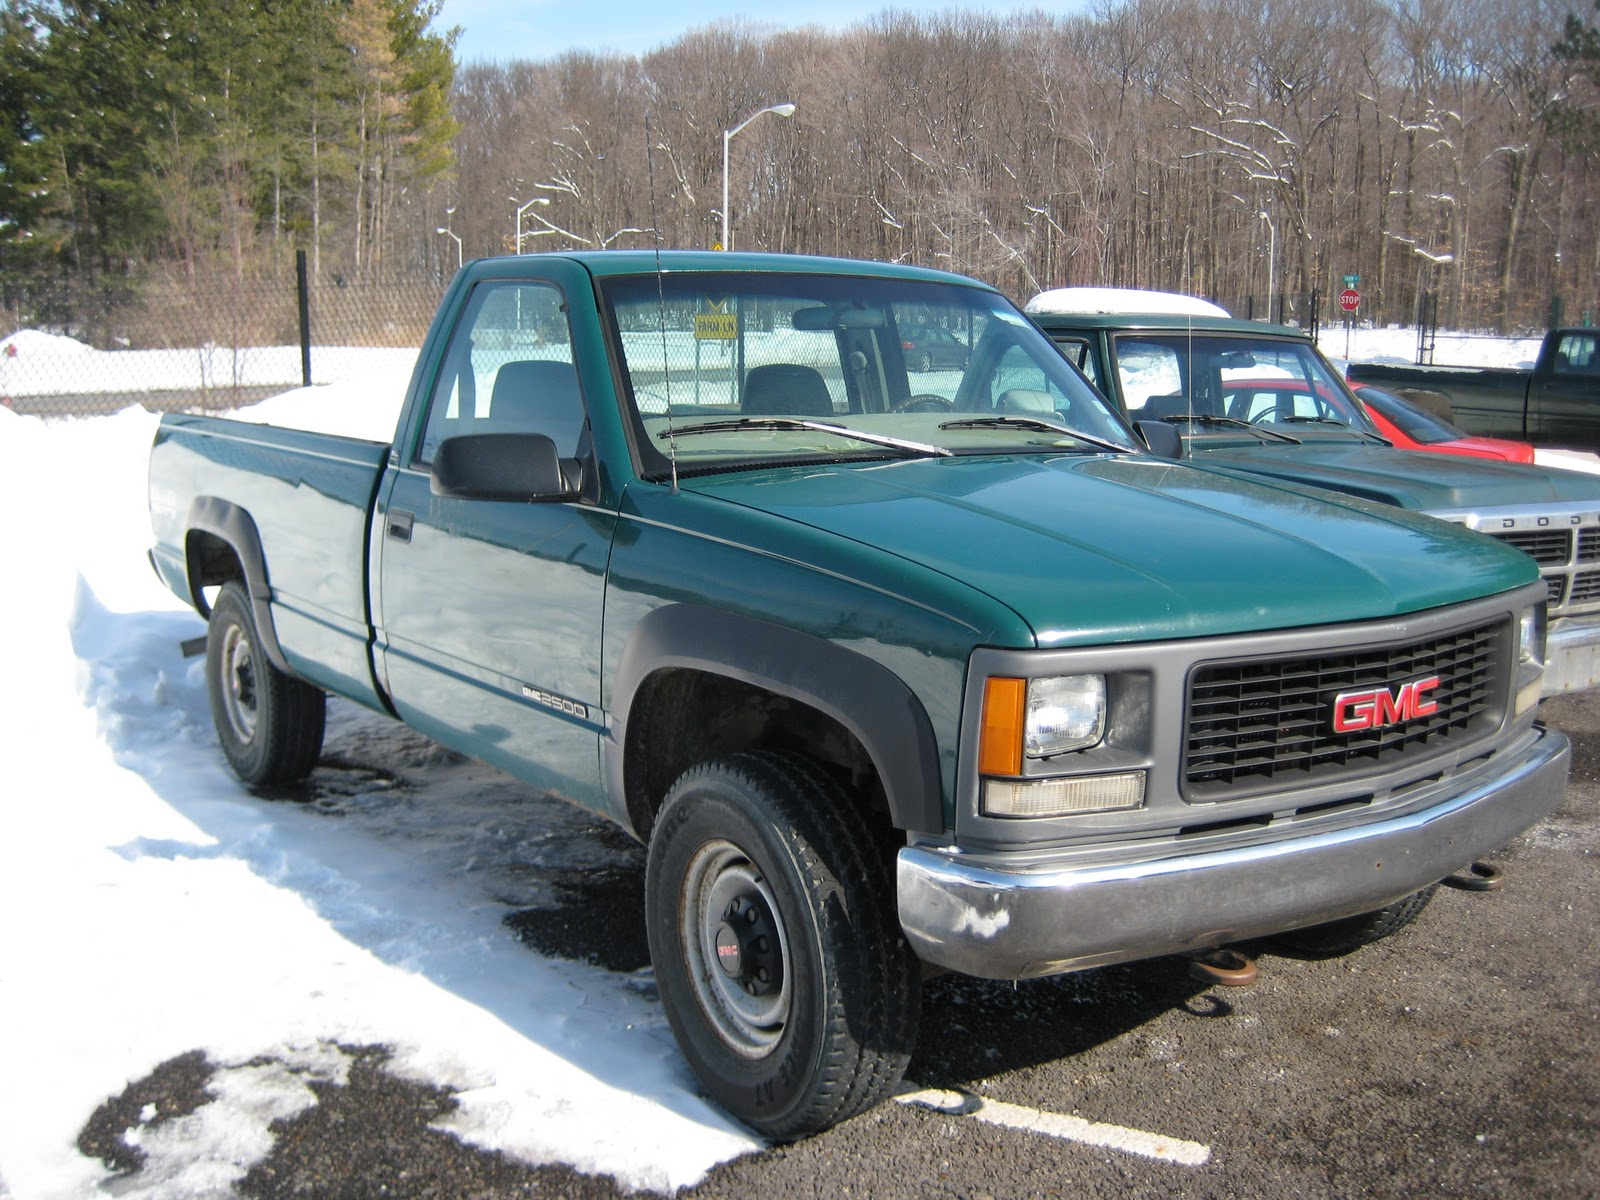 1997 GMC Sierra 2500 #2 GMC Sierra 2500 #2